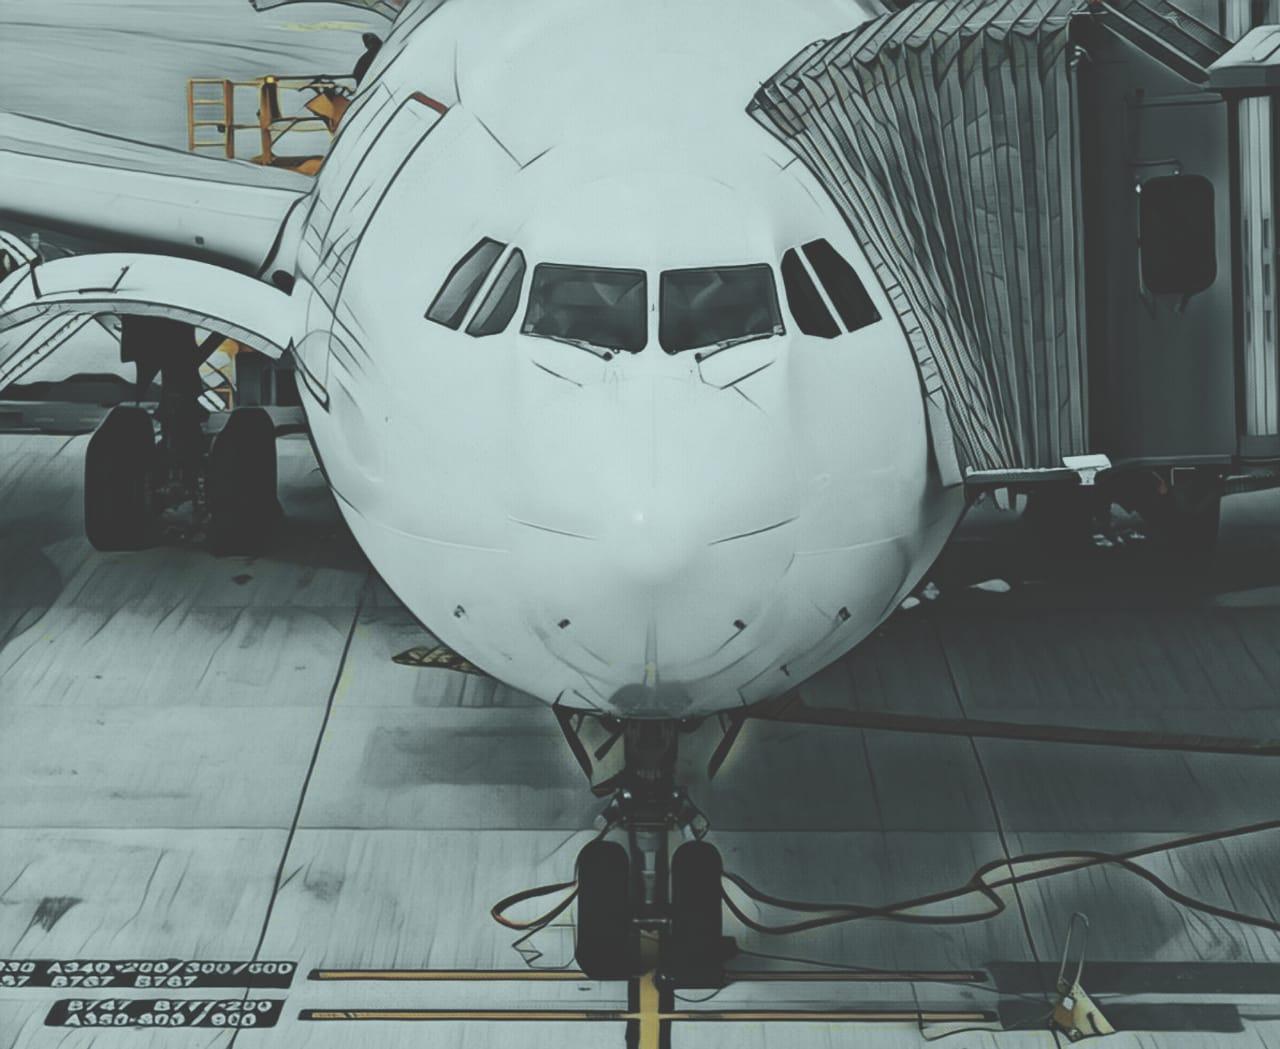 https: img.okezone.com content 2020 02 21 320 2172056 permintaan-penerbangan-turun-imbas-covid-19-maskapai-global-rugi-hingga-rp398-29-triliun-3kL5SUkiL2.jpeg